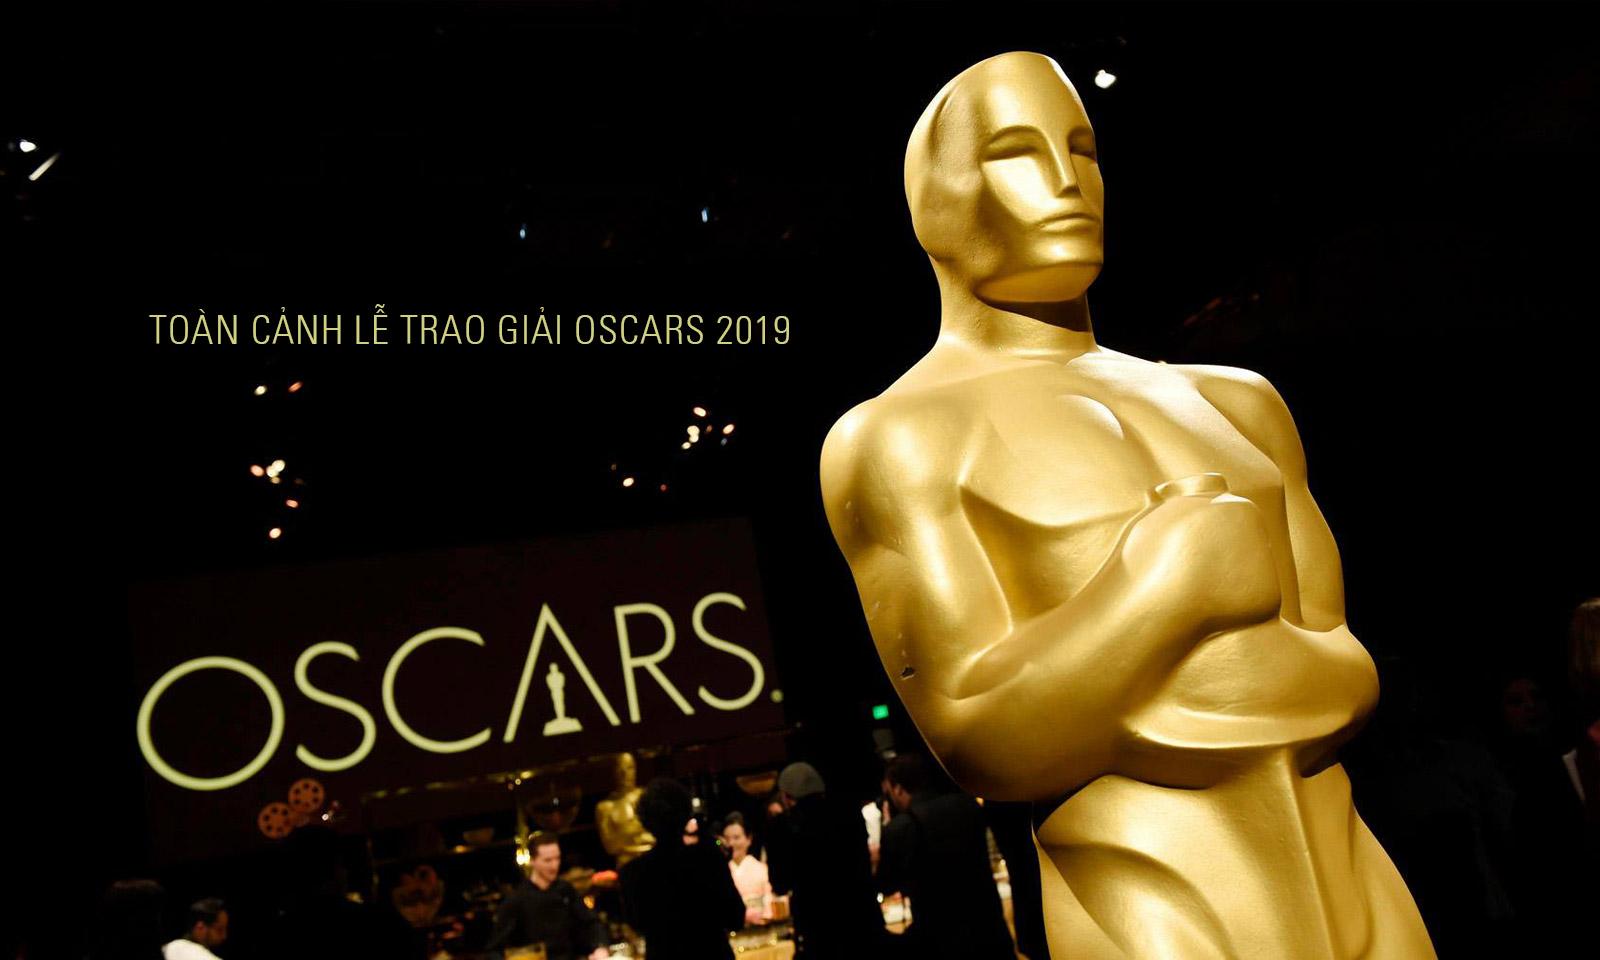 Toàn cảnh lễ trao giải Oscar 2019